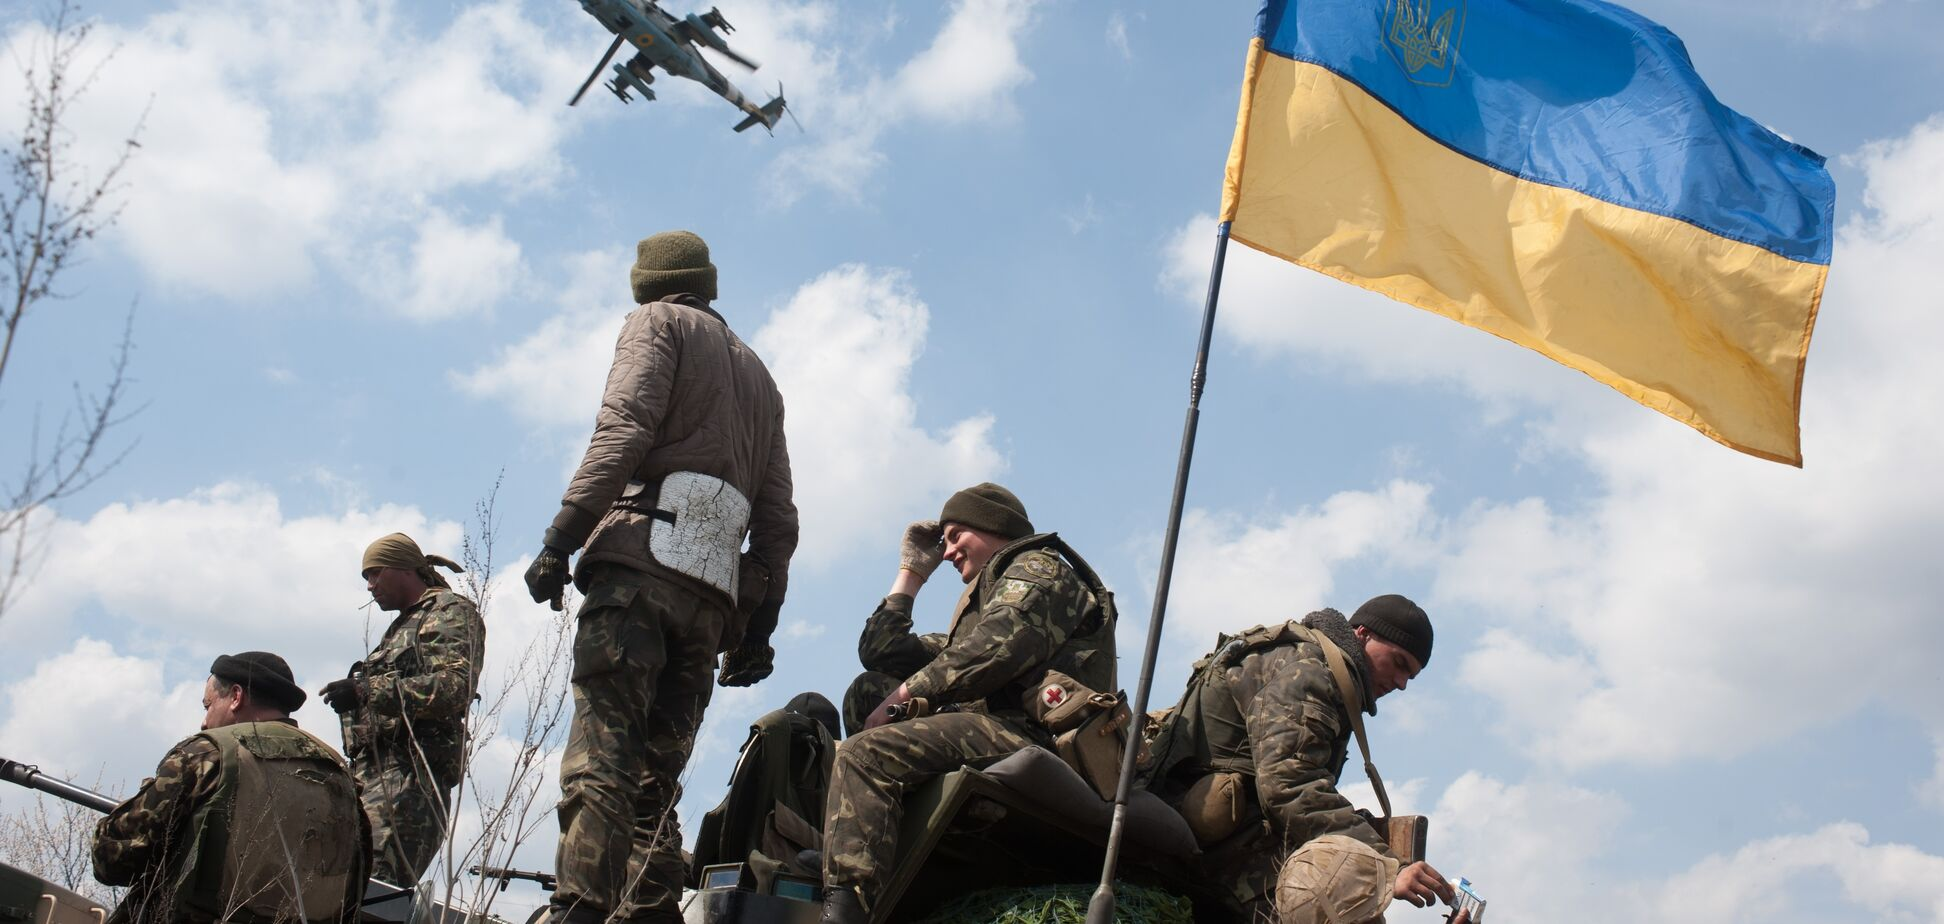 Думаете, что от Киева до Авдеевки - это далеко и 'не у нас'?